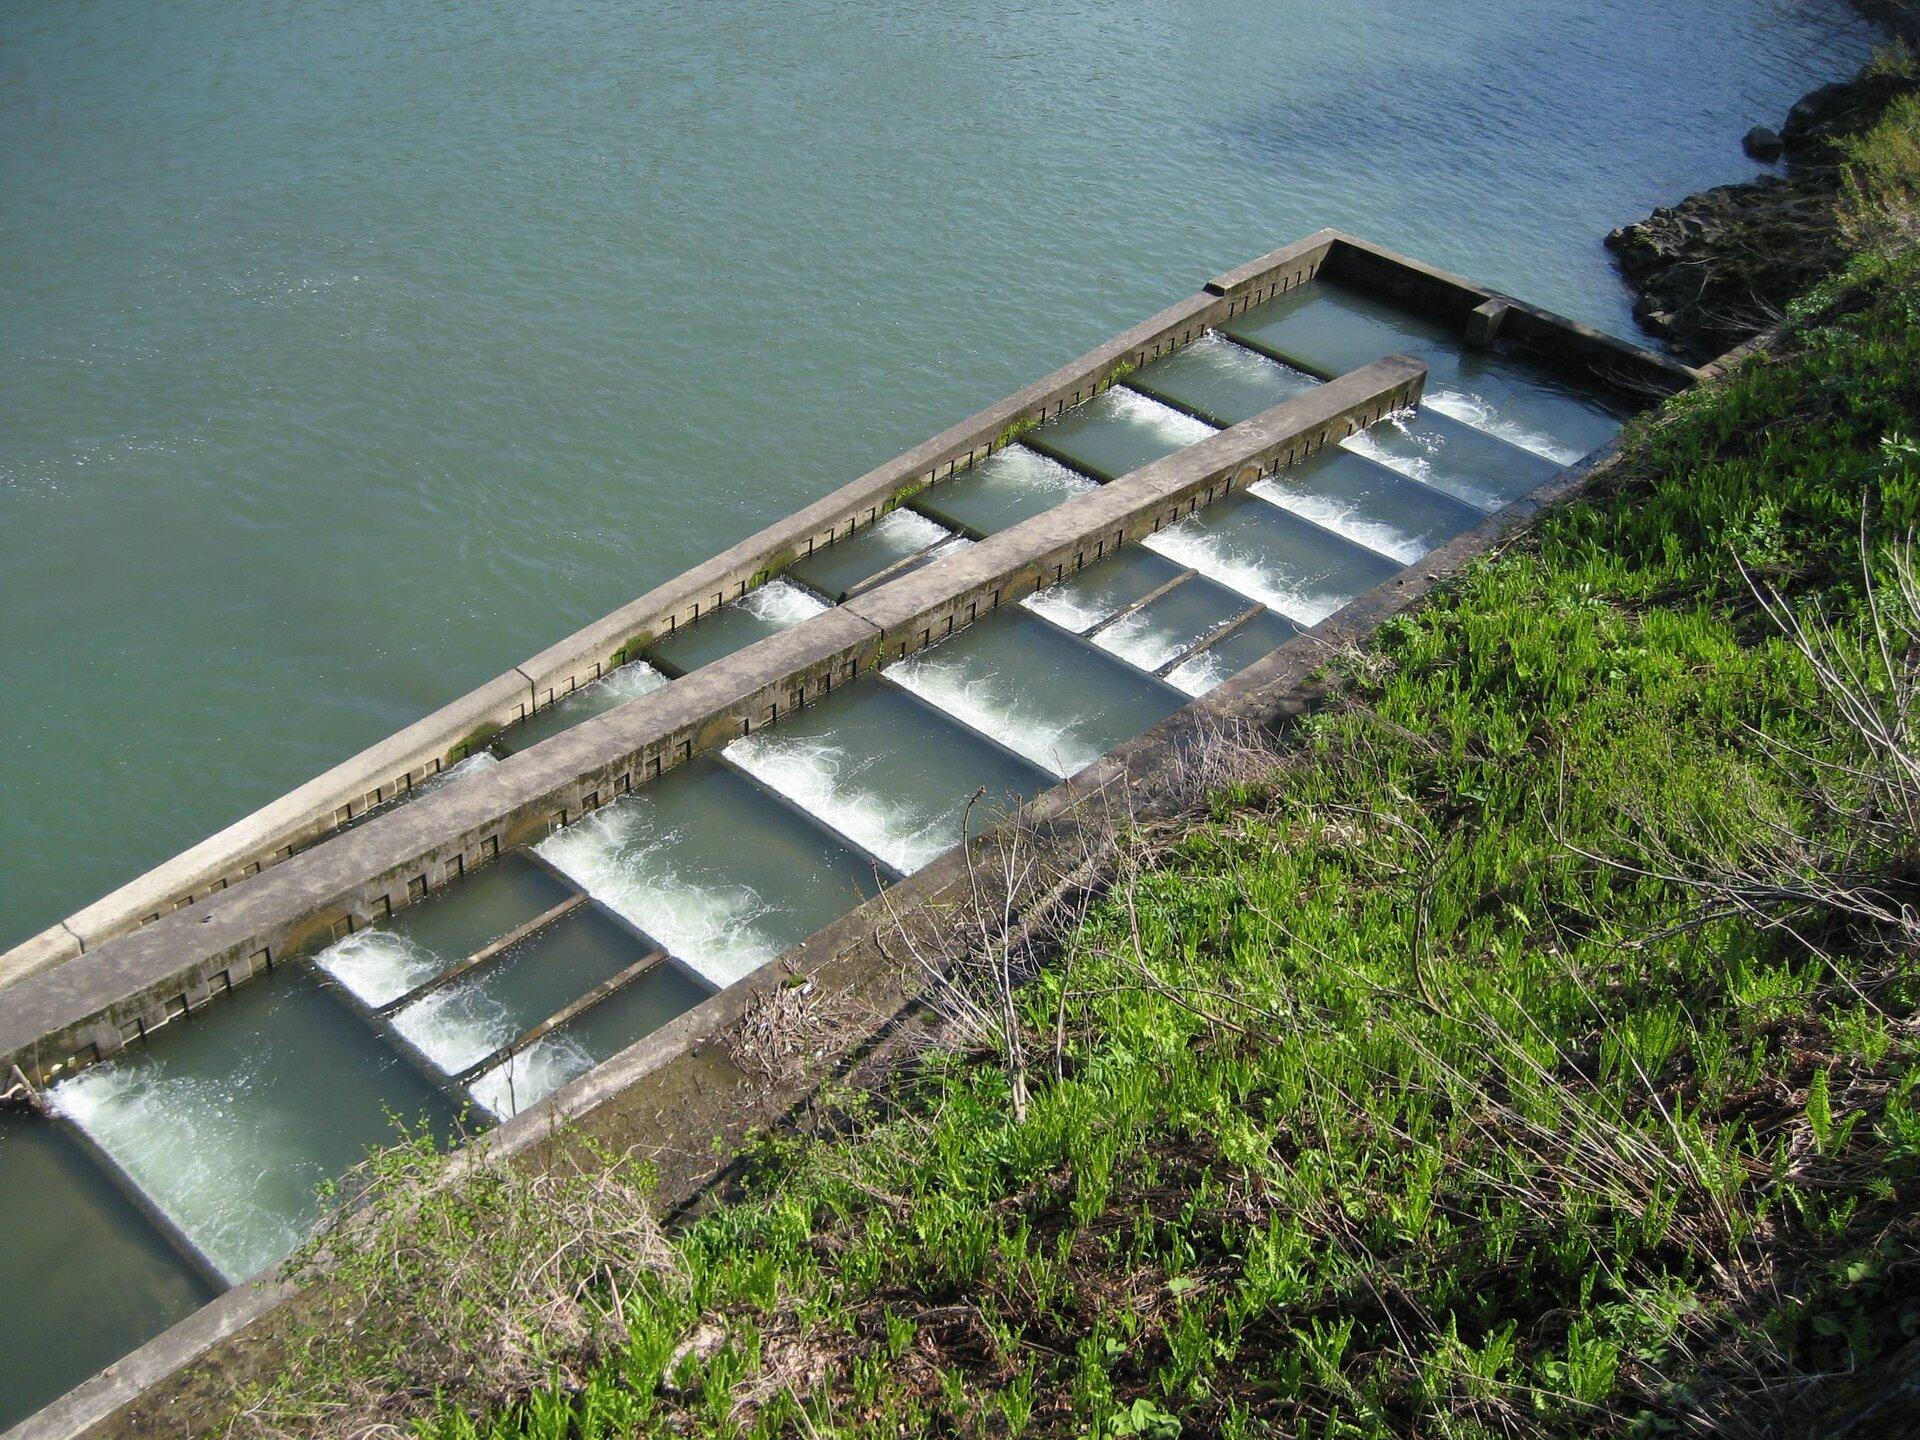 Fotografia przedstawia przepławkę dla ryb, umieszczoną wzdłuż koryta rzeki. Wgłębi ustawiona jest zapora zmetalowymi śluzami. Zlewej wybudowano schodkowo kolejne betonowe śluzy, którymi ryby mogą opłynąć przeszkodę.